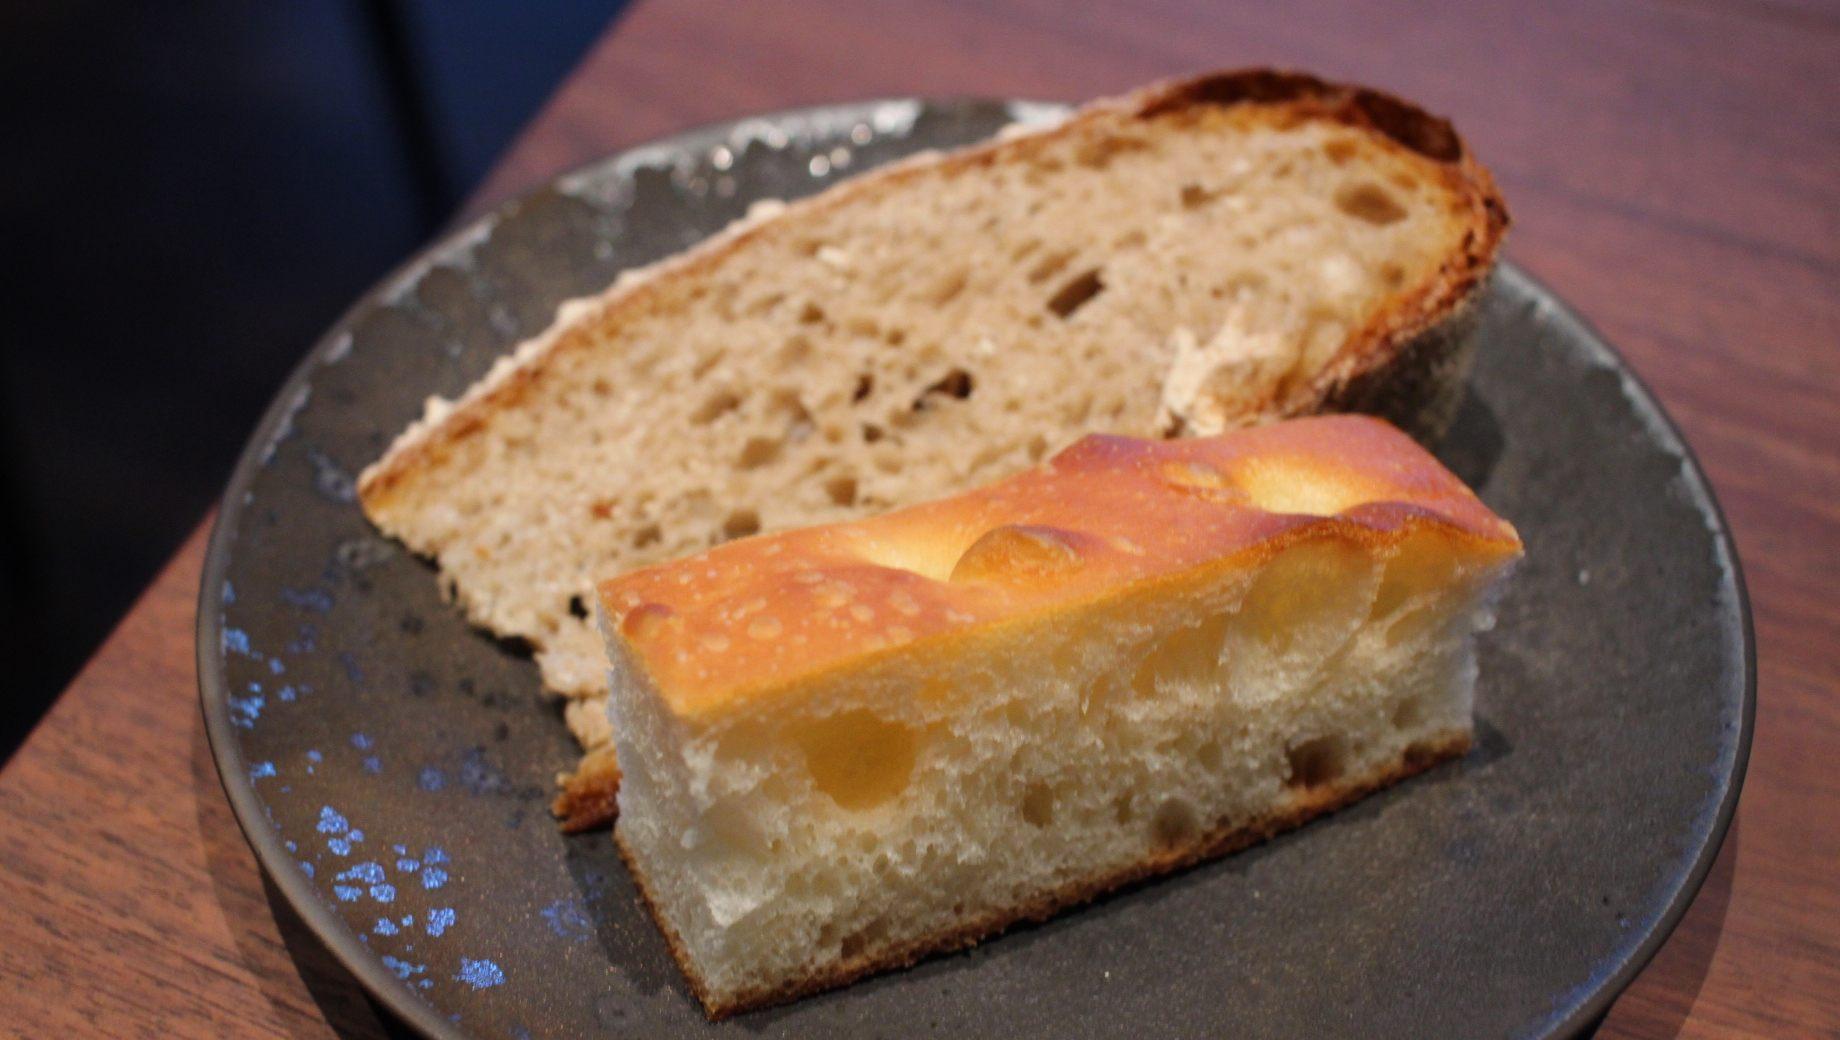 法式长棍面包与福克西亚面包